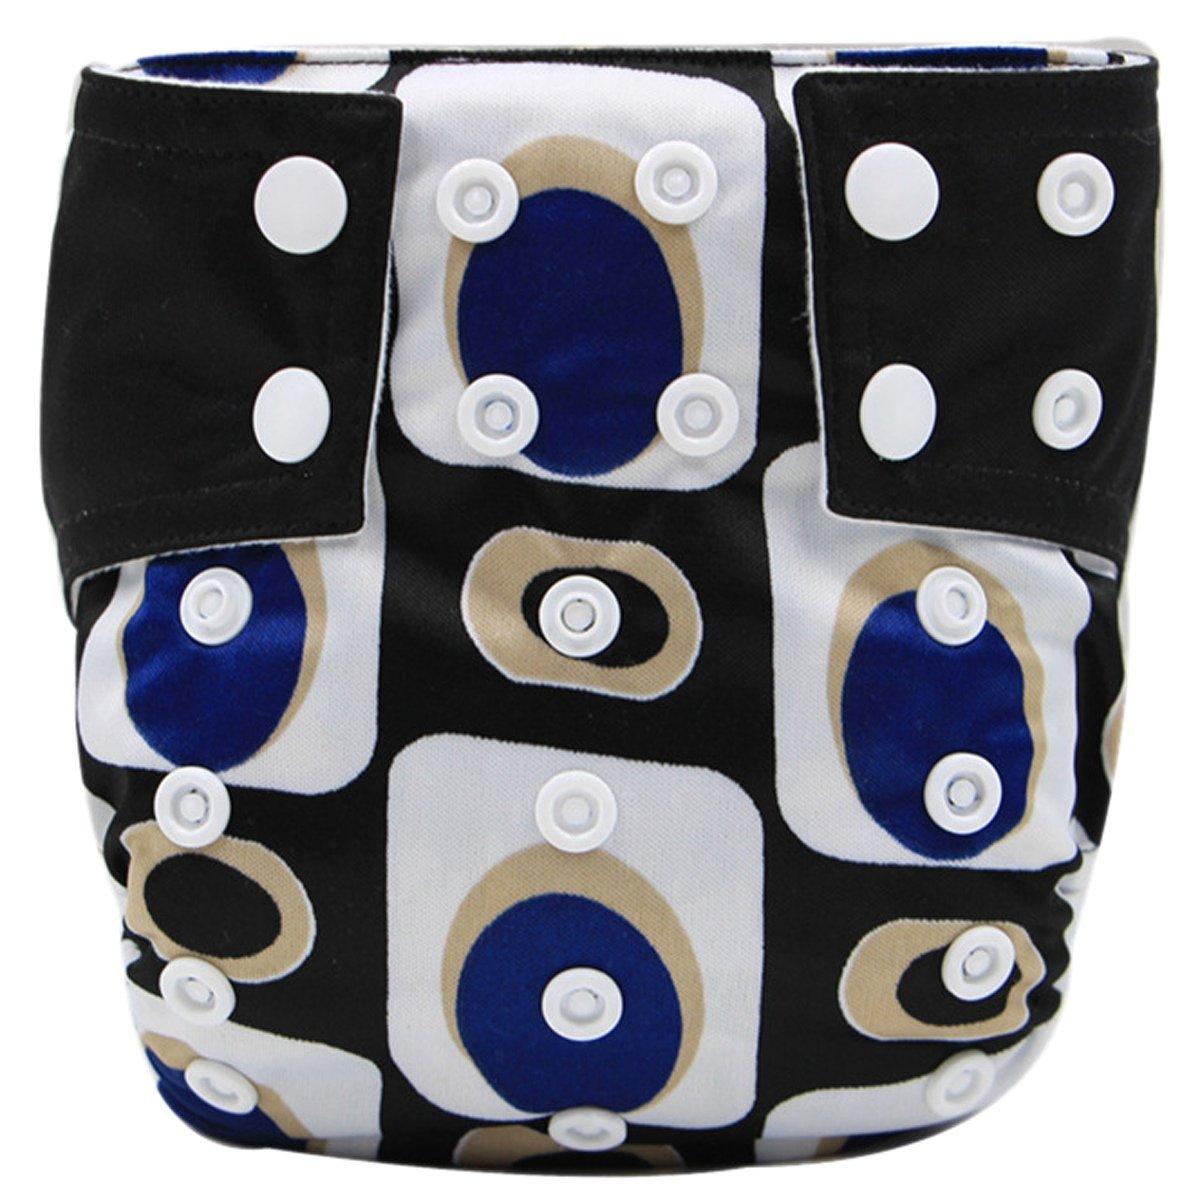 Happy Cherry Bébé Naissances Culottes d'apprentissage Lavables Pantalon Couche Avec Bouton Taille Réglable - Noir